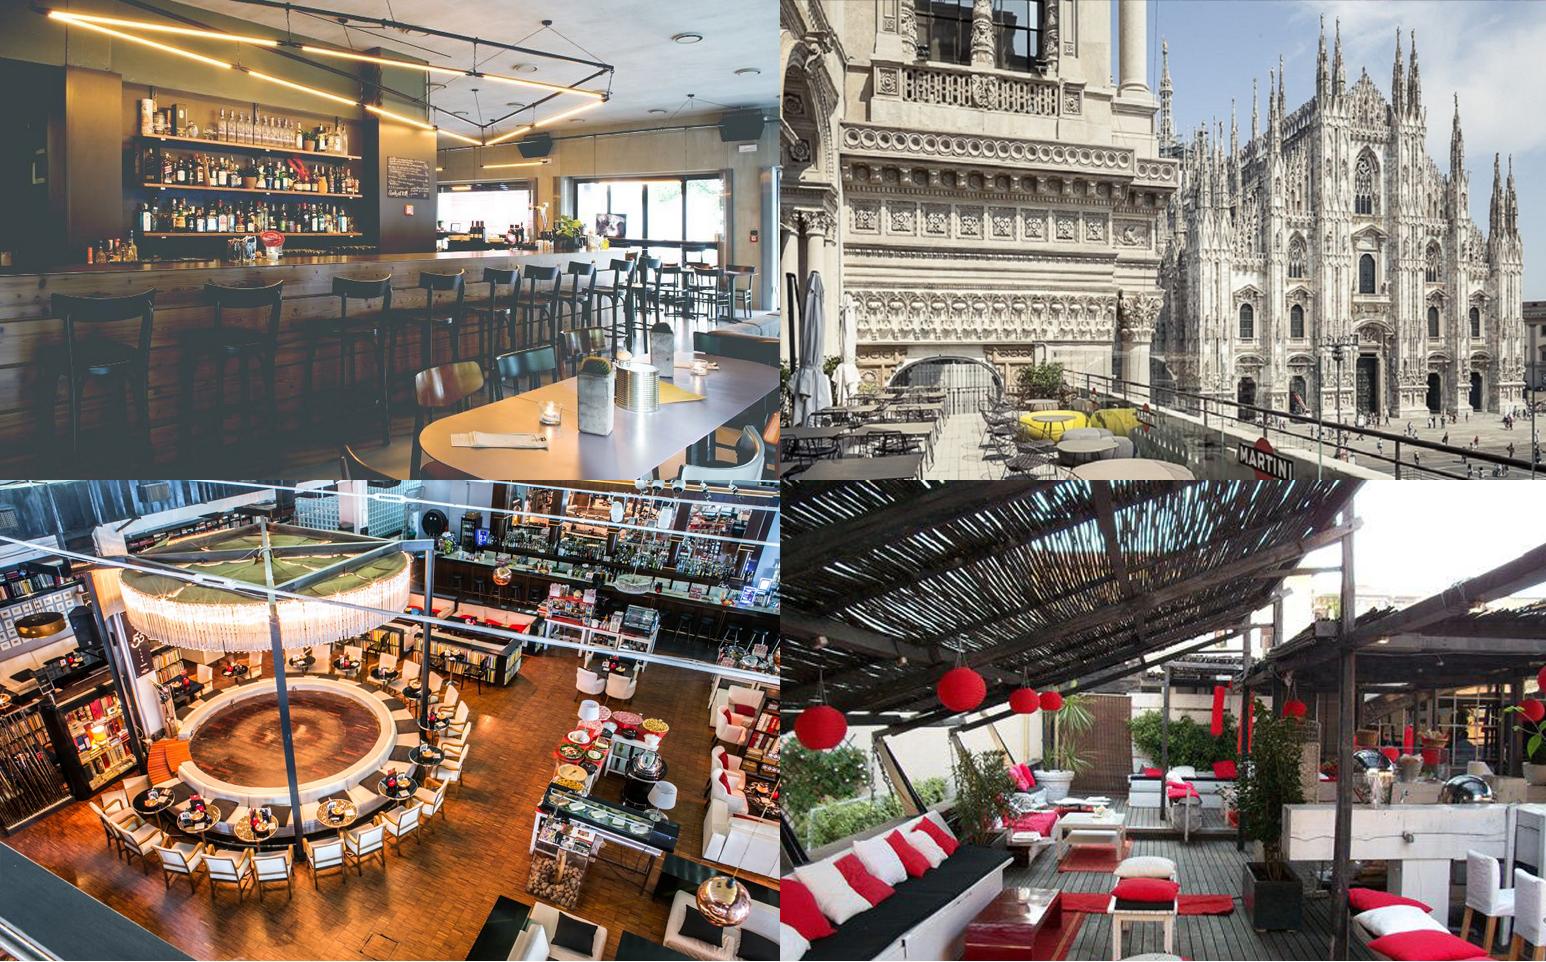 Rendiamo il tuo compleanno indimenticabile. Scegli la location, hotel, discoteca o lounge, i servizi che preferisci e il nostro team organizzerà la festa.